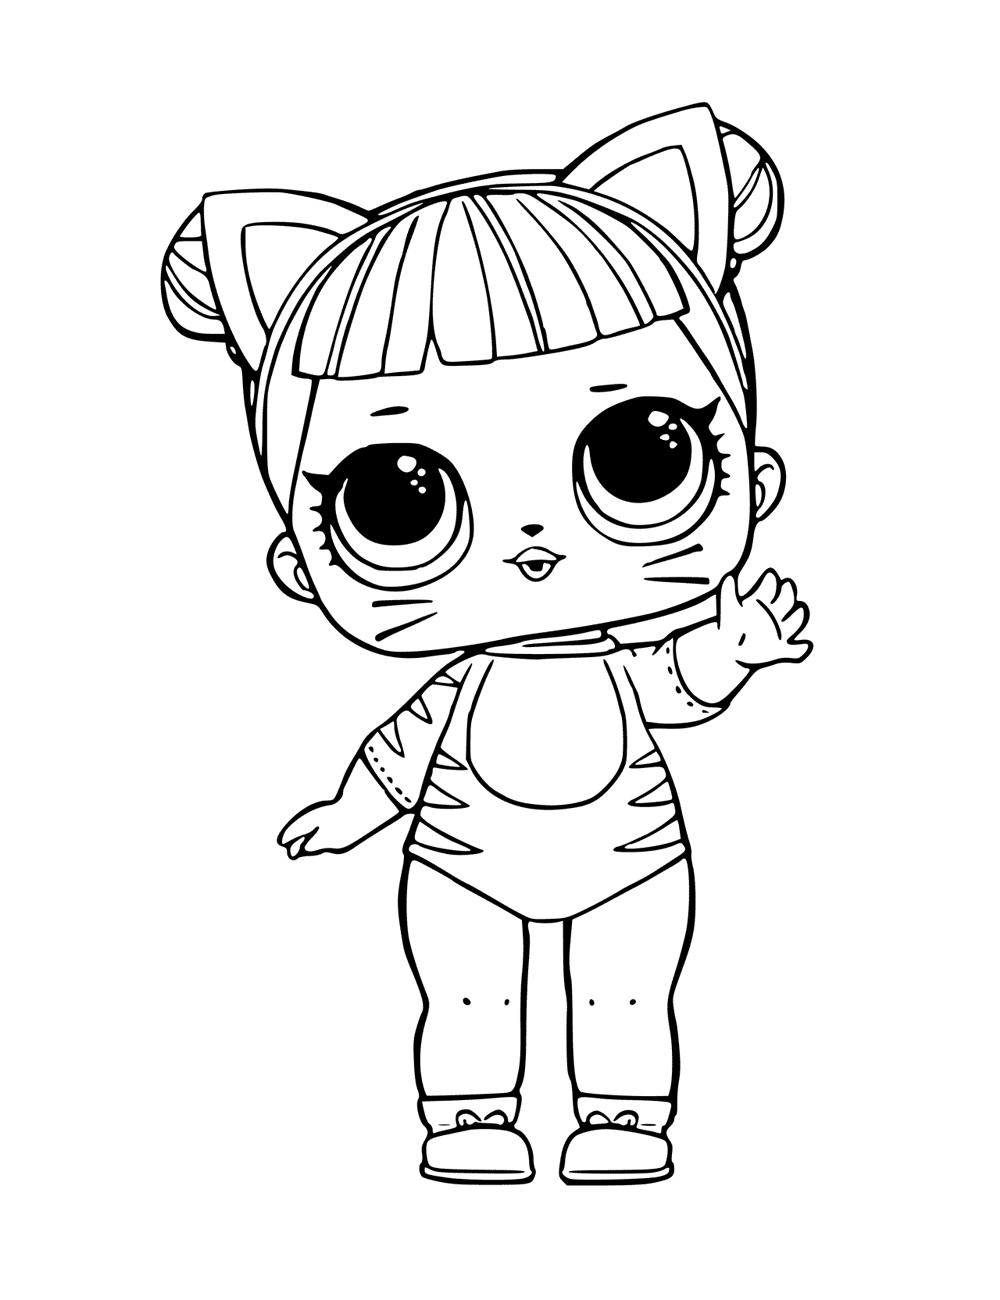 Раскраски «Куклы LOL» - «Кукла ЛОЛ кошка» | Детские ...